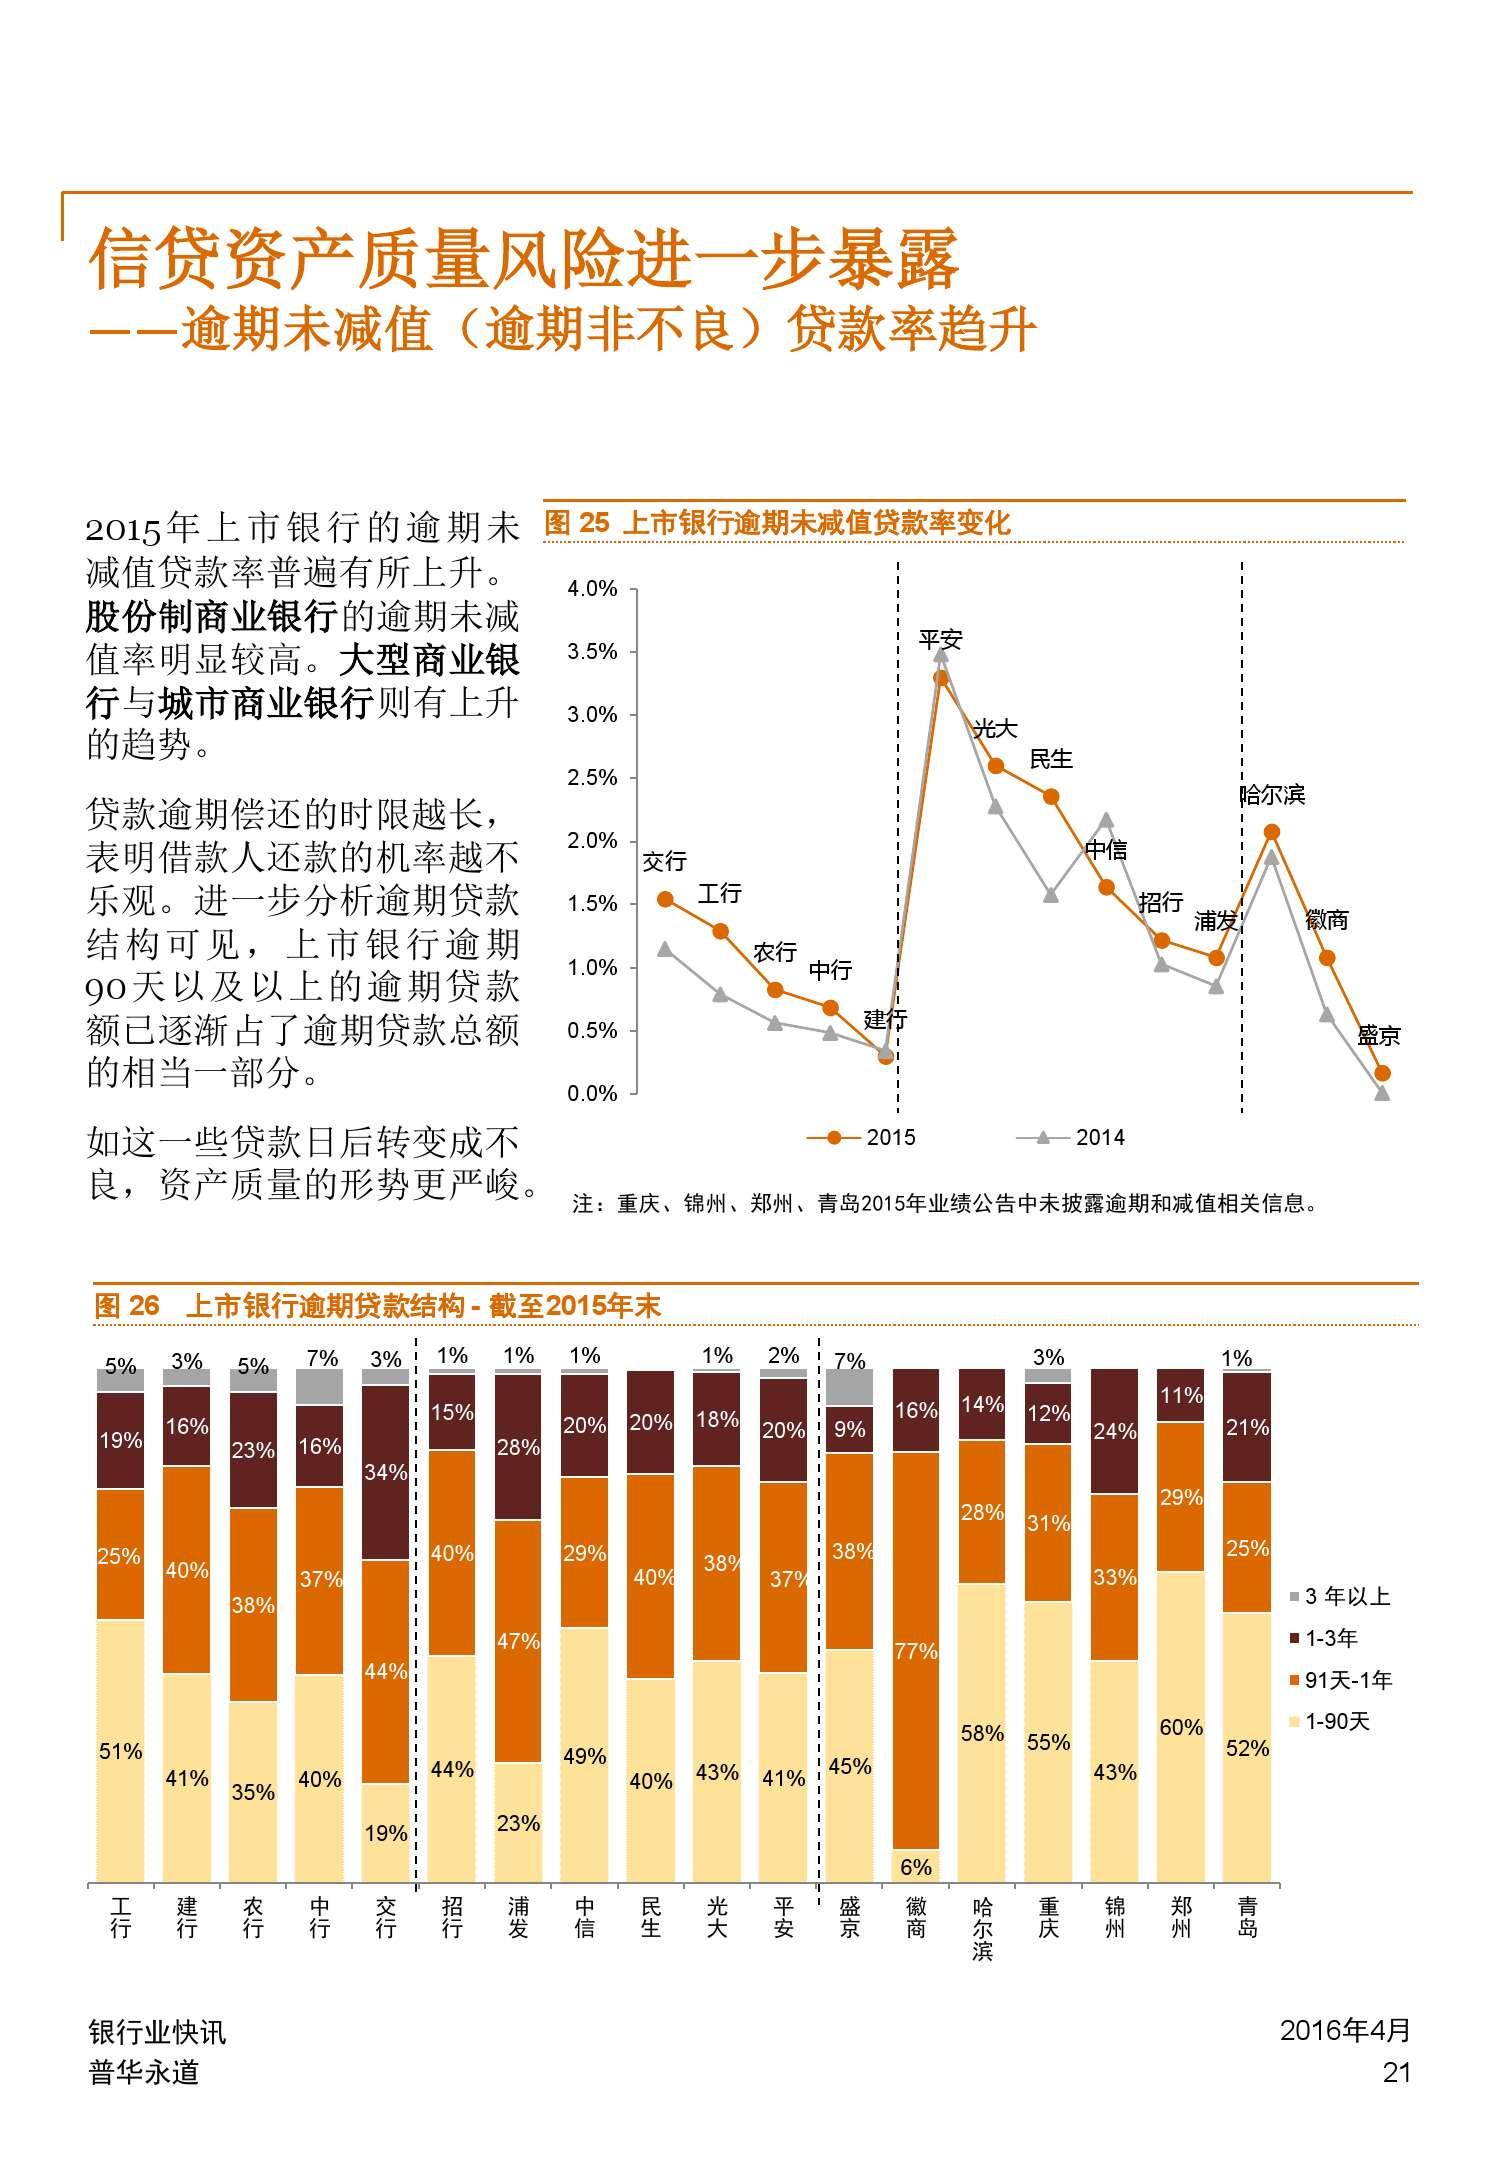 普华永道:2015年中国银行业回顾与展望_000021